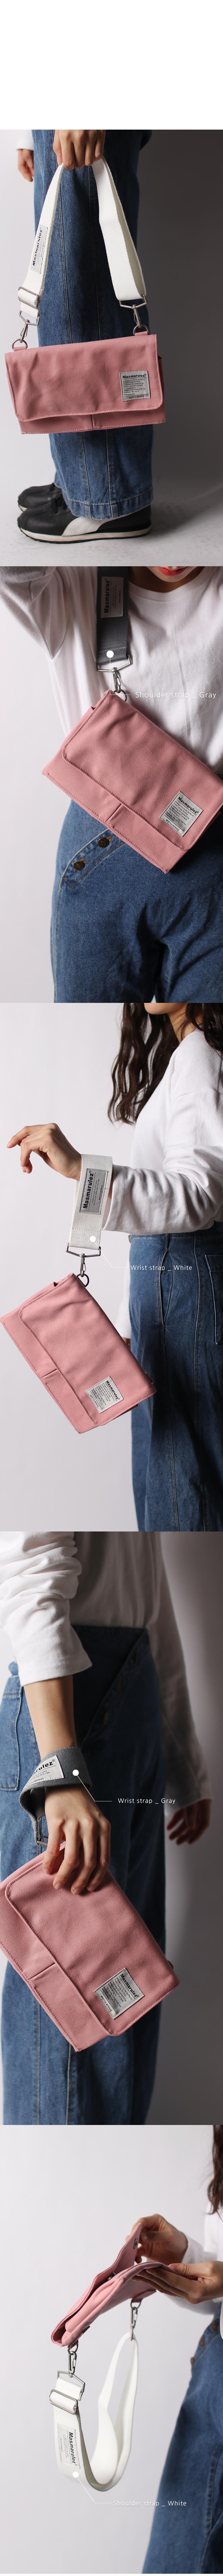 s-mini-pocket-pink-3.jpg